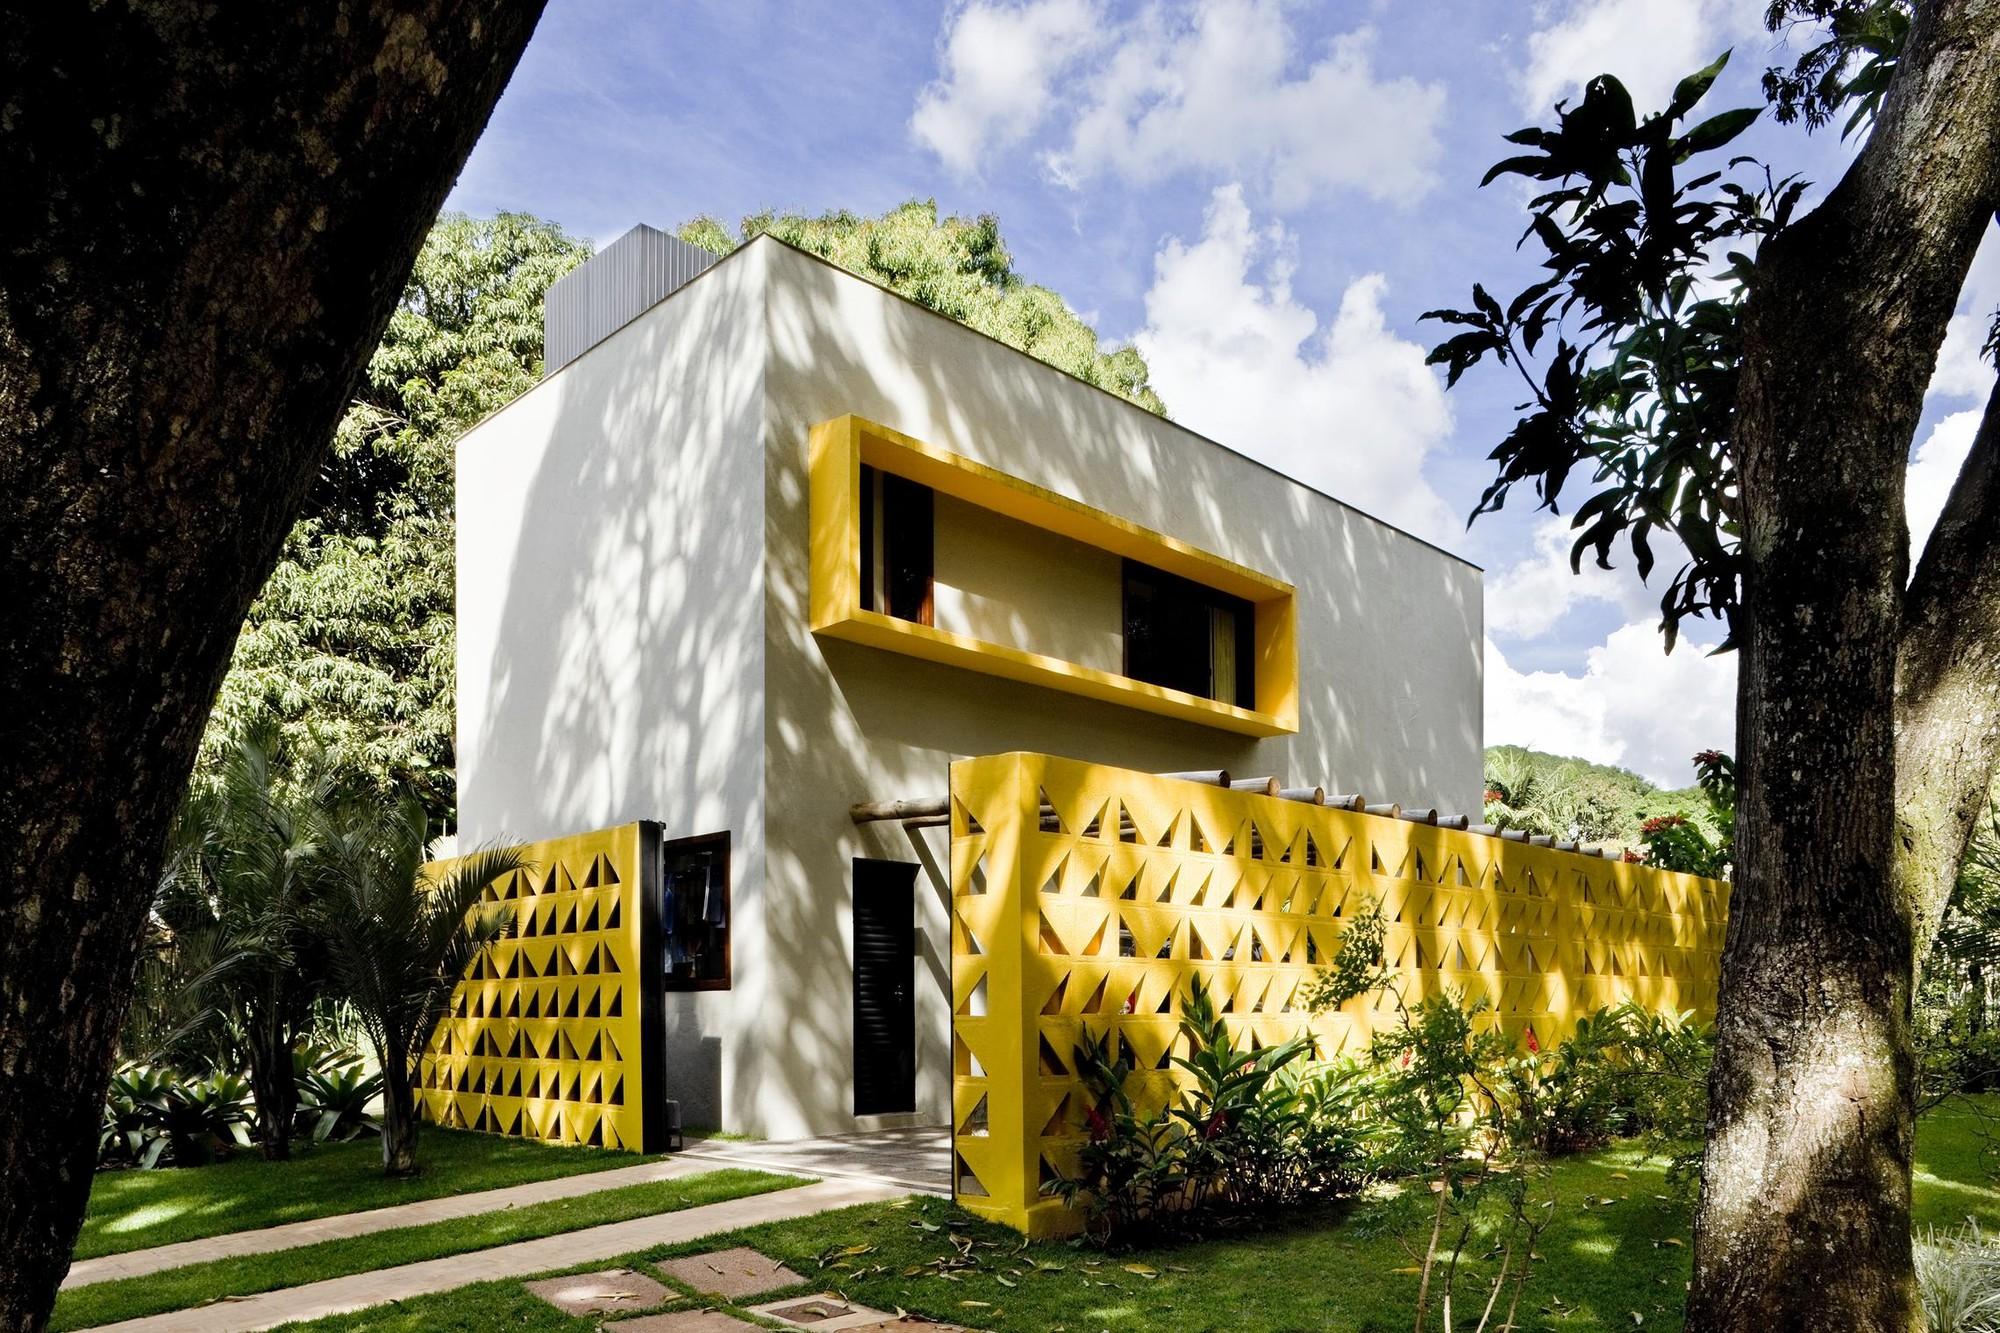 Casa Cobogó / Ney Lima, © Edgard Cesar